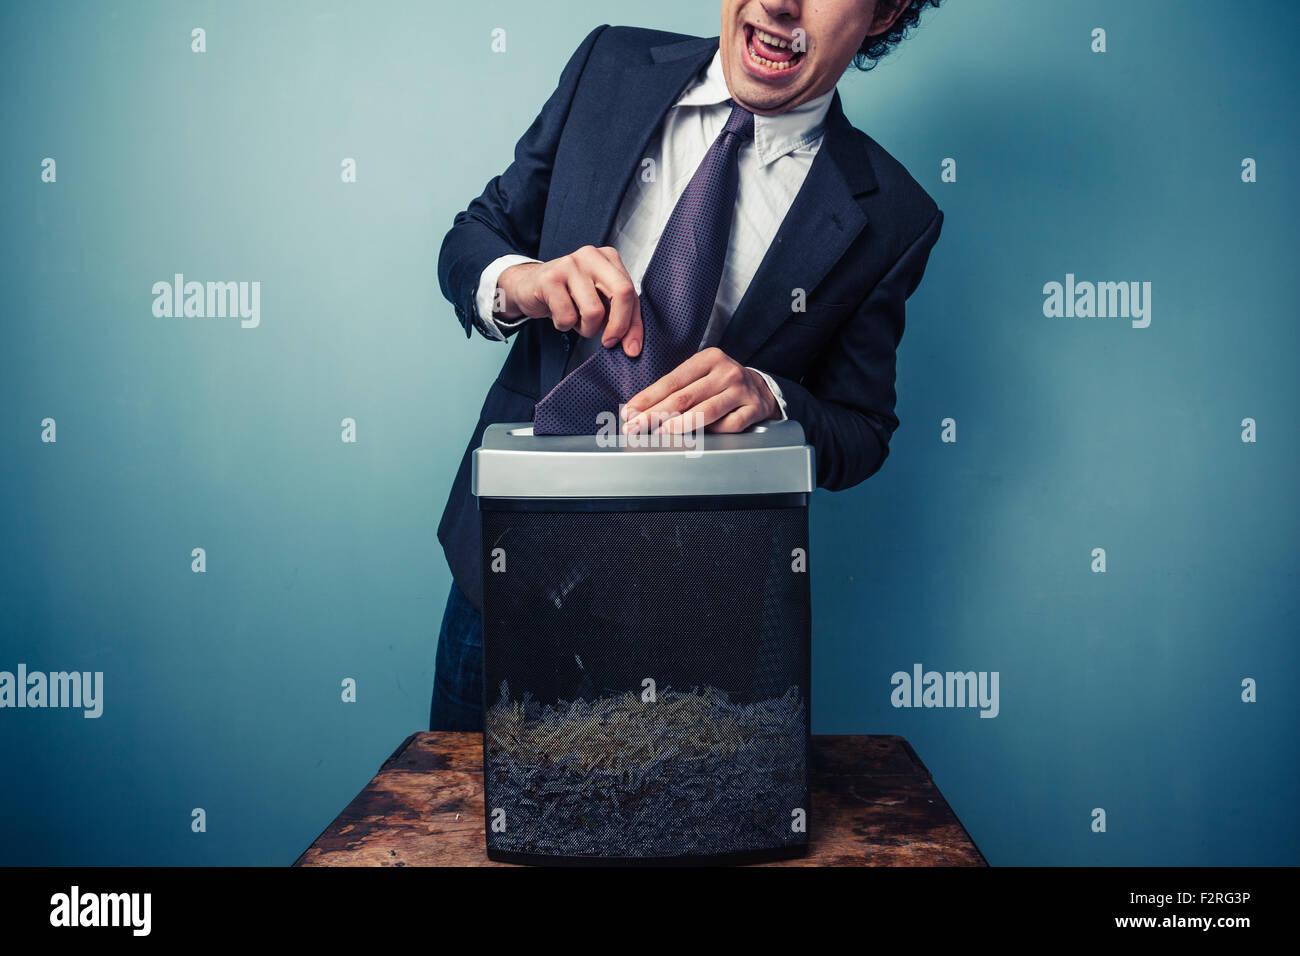 Clumsy imprenditore con il suo tirante bloccato in un foglio di carta trinciatrice Immagini Stock